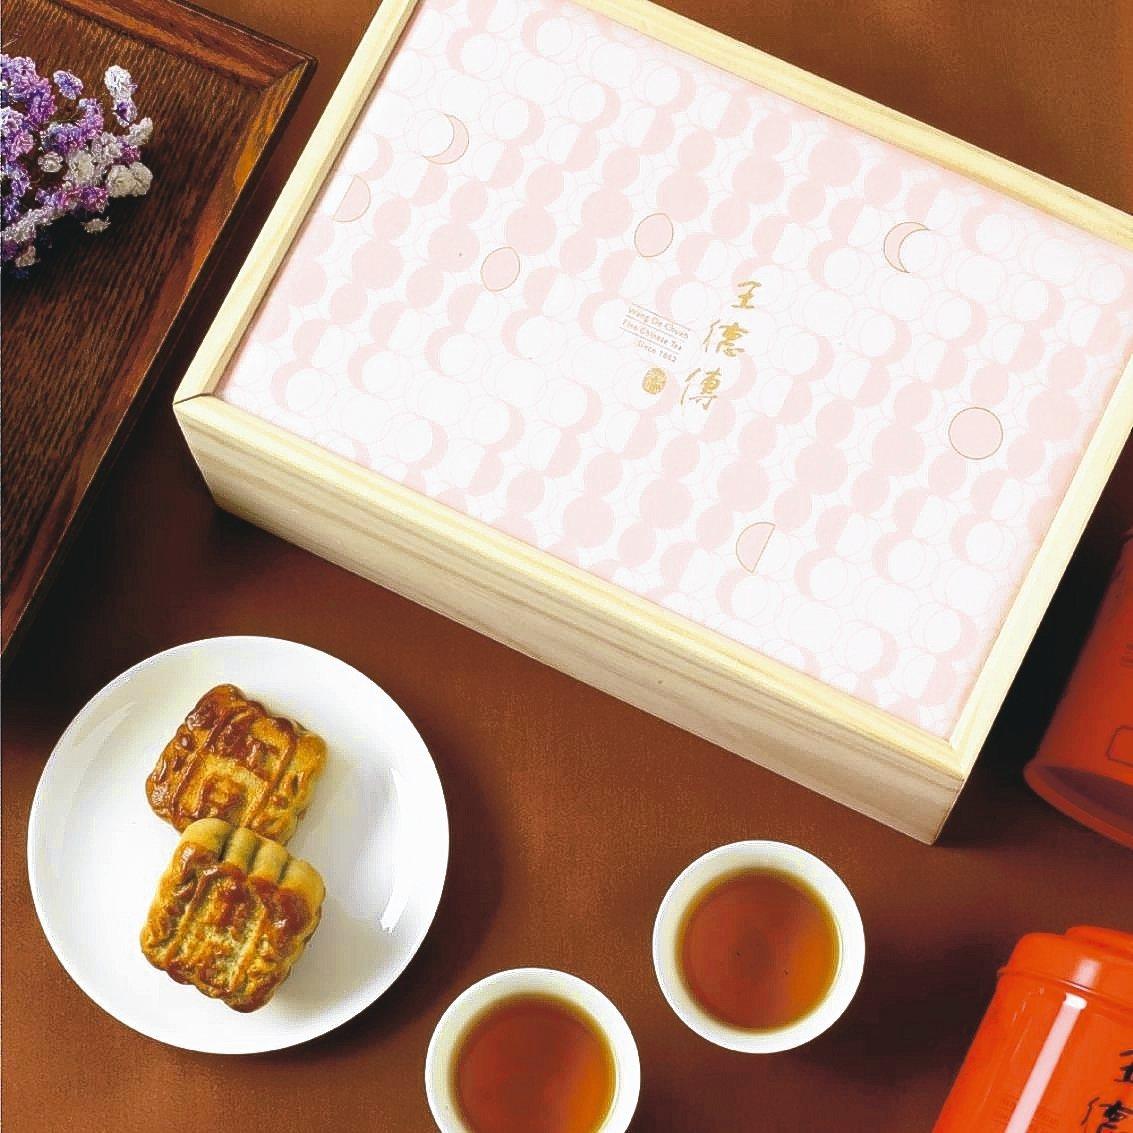 「茶顏月色」中秋系列茶禮。 圖/王德傳提供